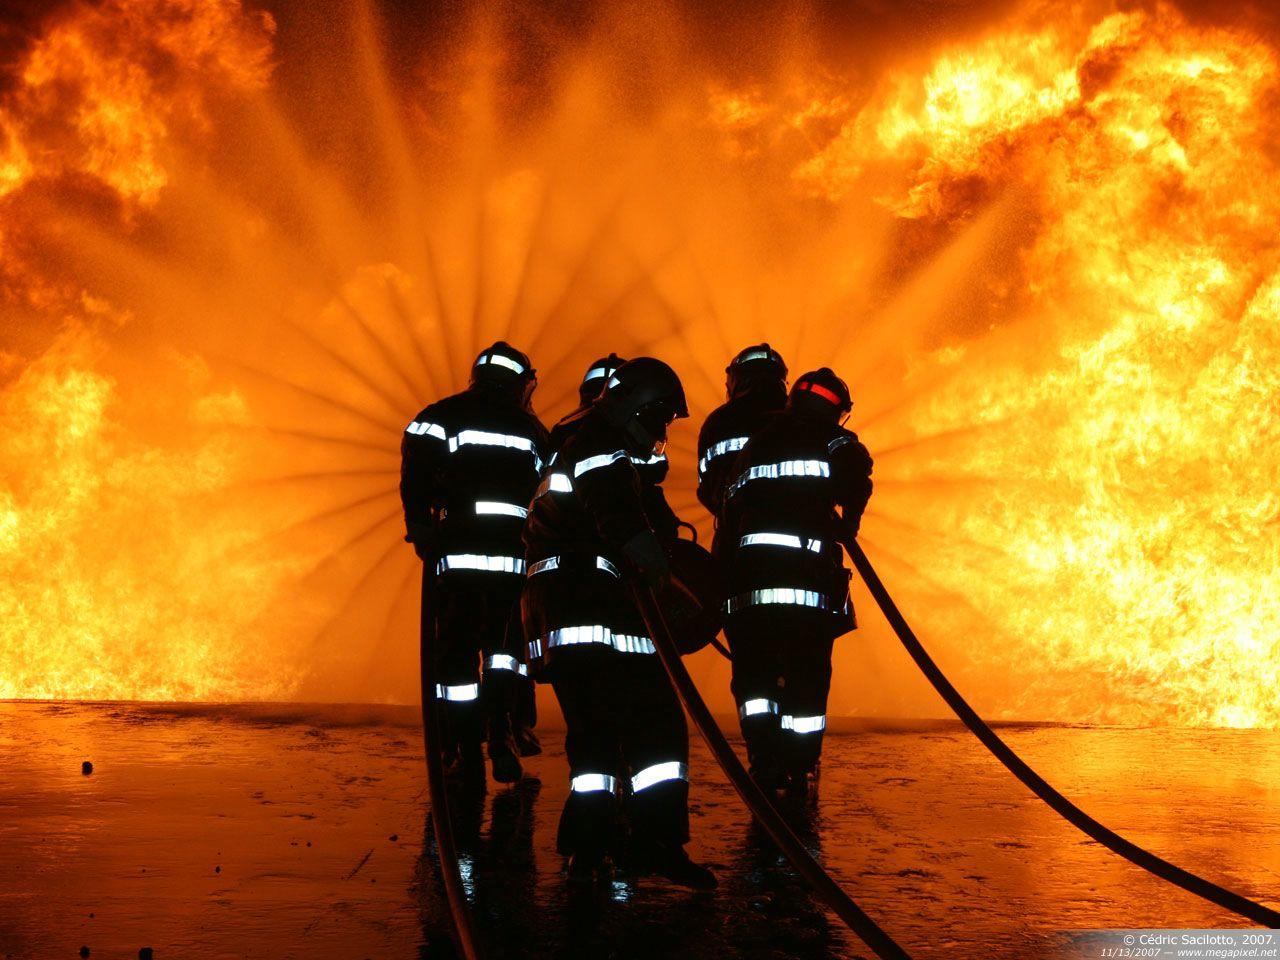 Zoueirat : un incendie éclate près d'une caserne militaire